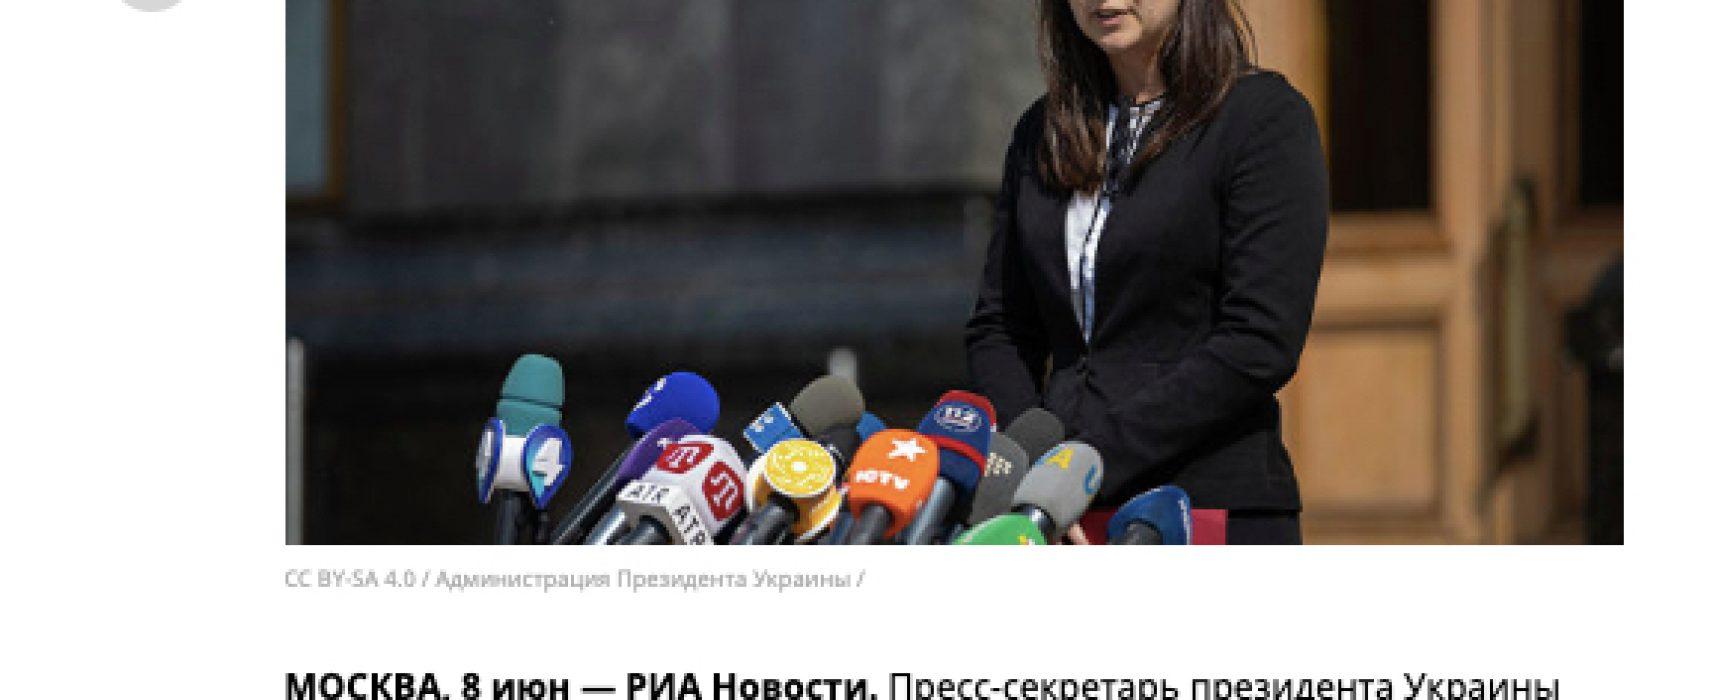 Falso: Ucrania ha reconocido el asesinato de civiles en el Donbás por el ejército del país